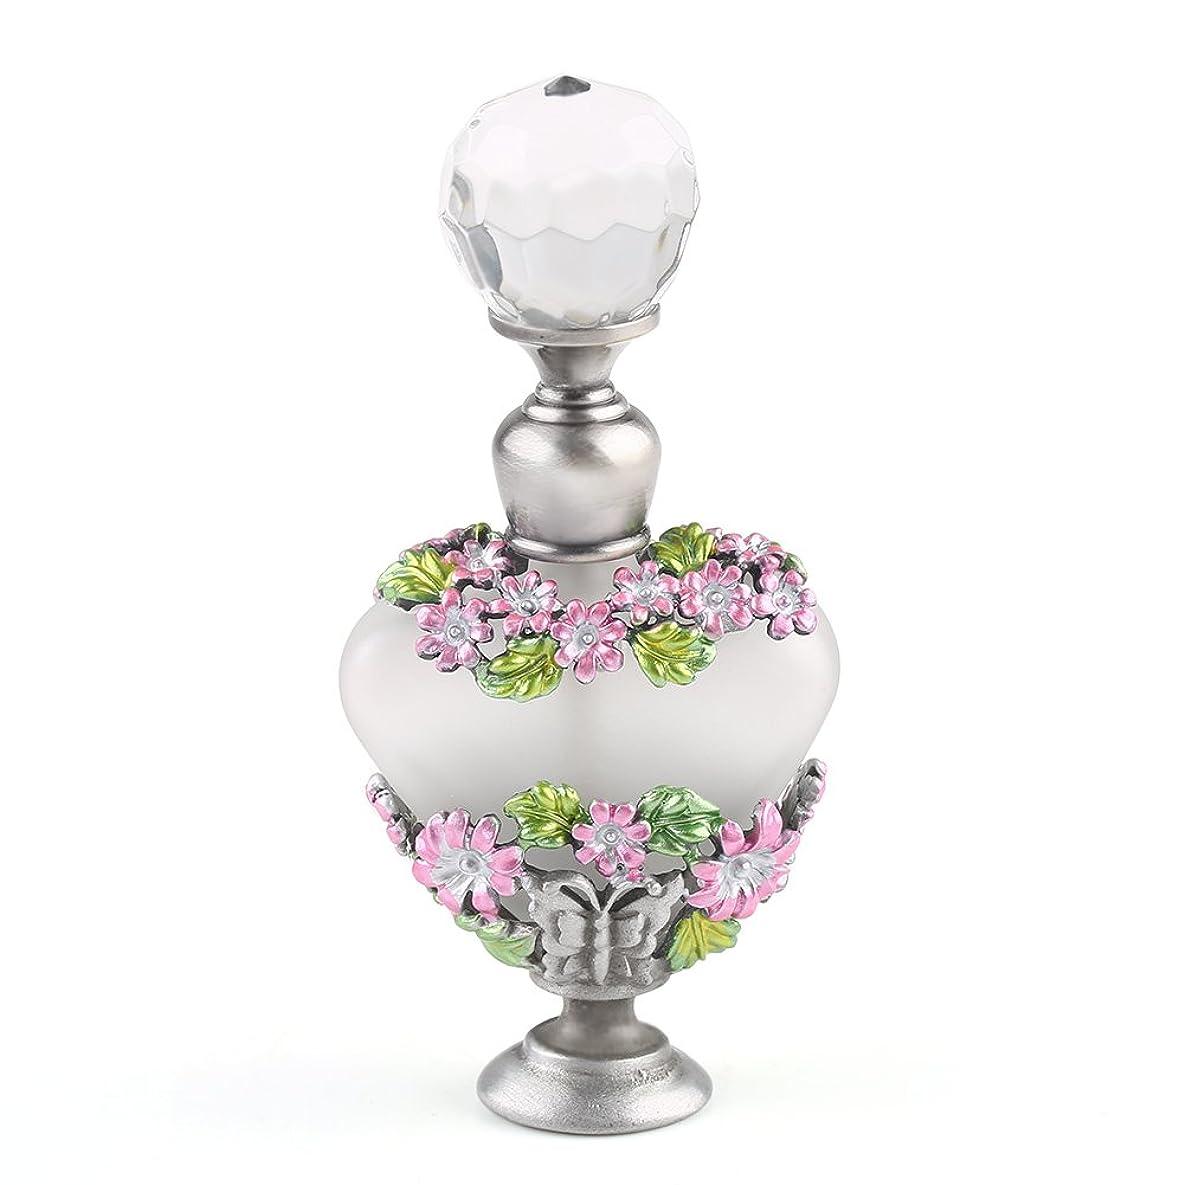 まっすぐ堤防飲食店VERY100 高品質 美しい香水瓶/アロマボトル 5ML アロマオイル用瓶 綺麗アンティーク調 フラワーデザイン プレゼント 結婚式 飾り 58778